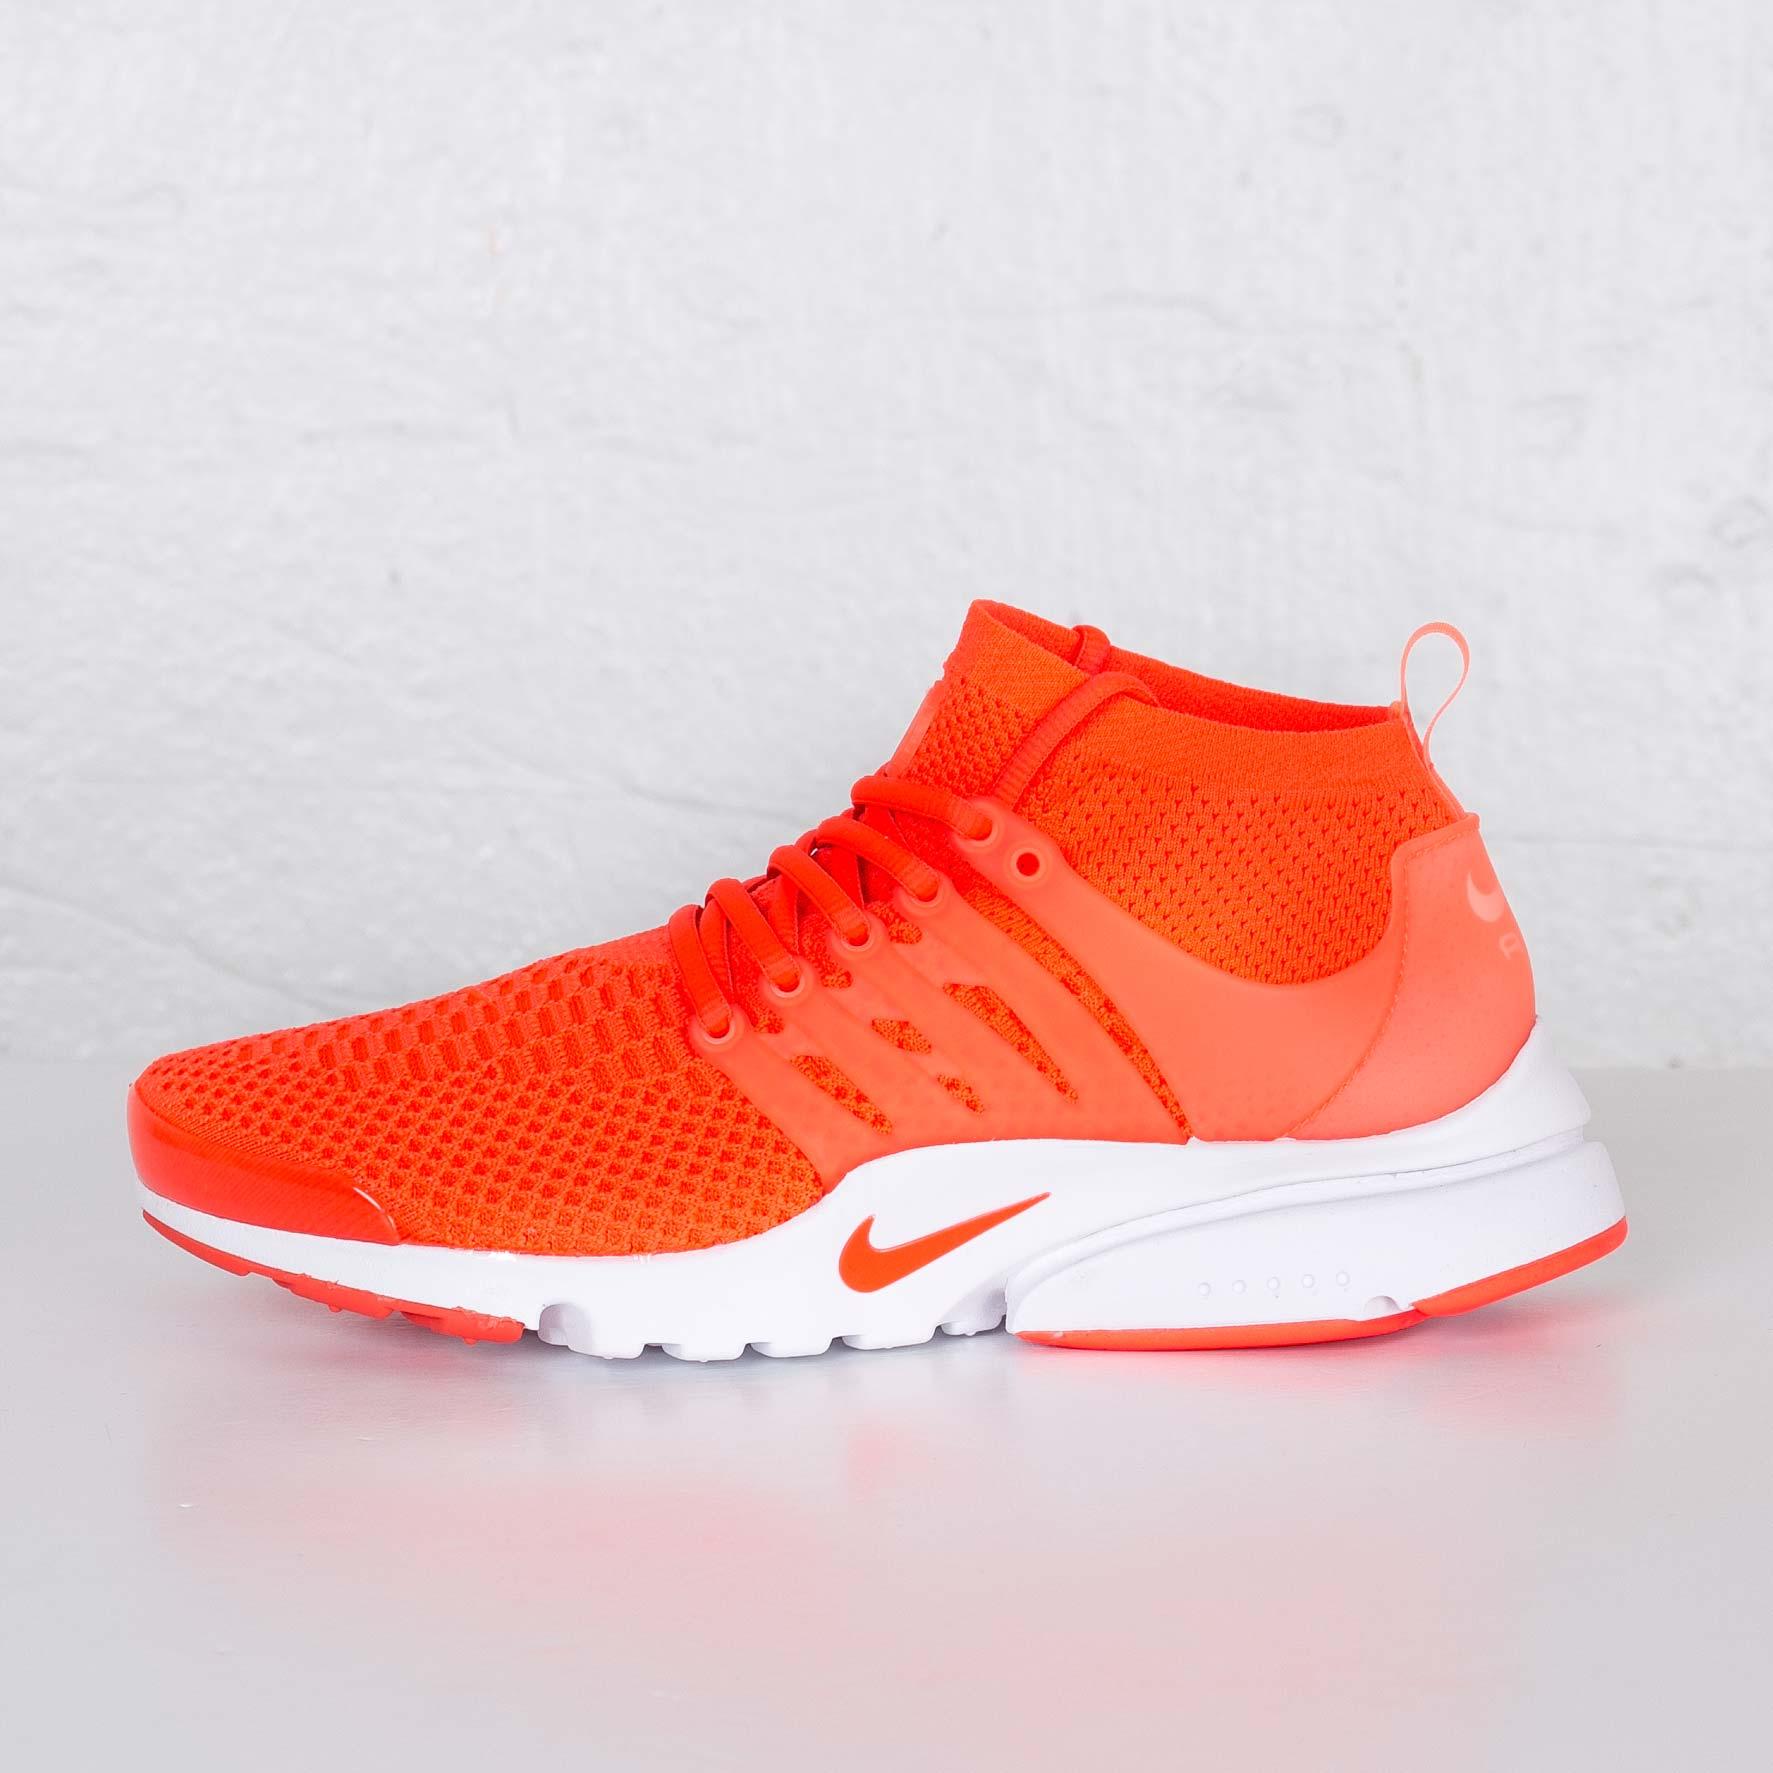 99fcaf331faf Nike Air Presto Flyknit Ultra - 835570-800 - Sneakersnstuff ...